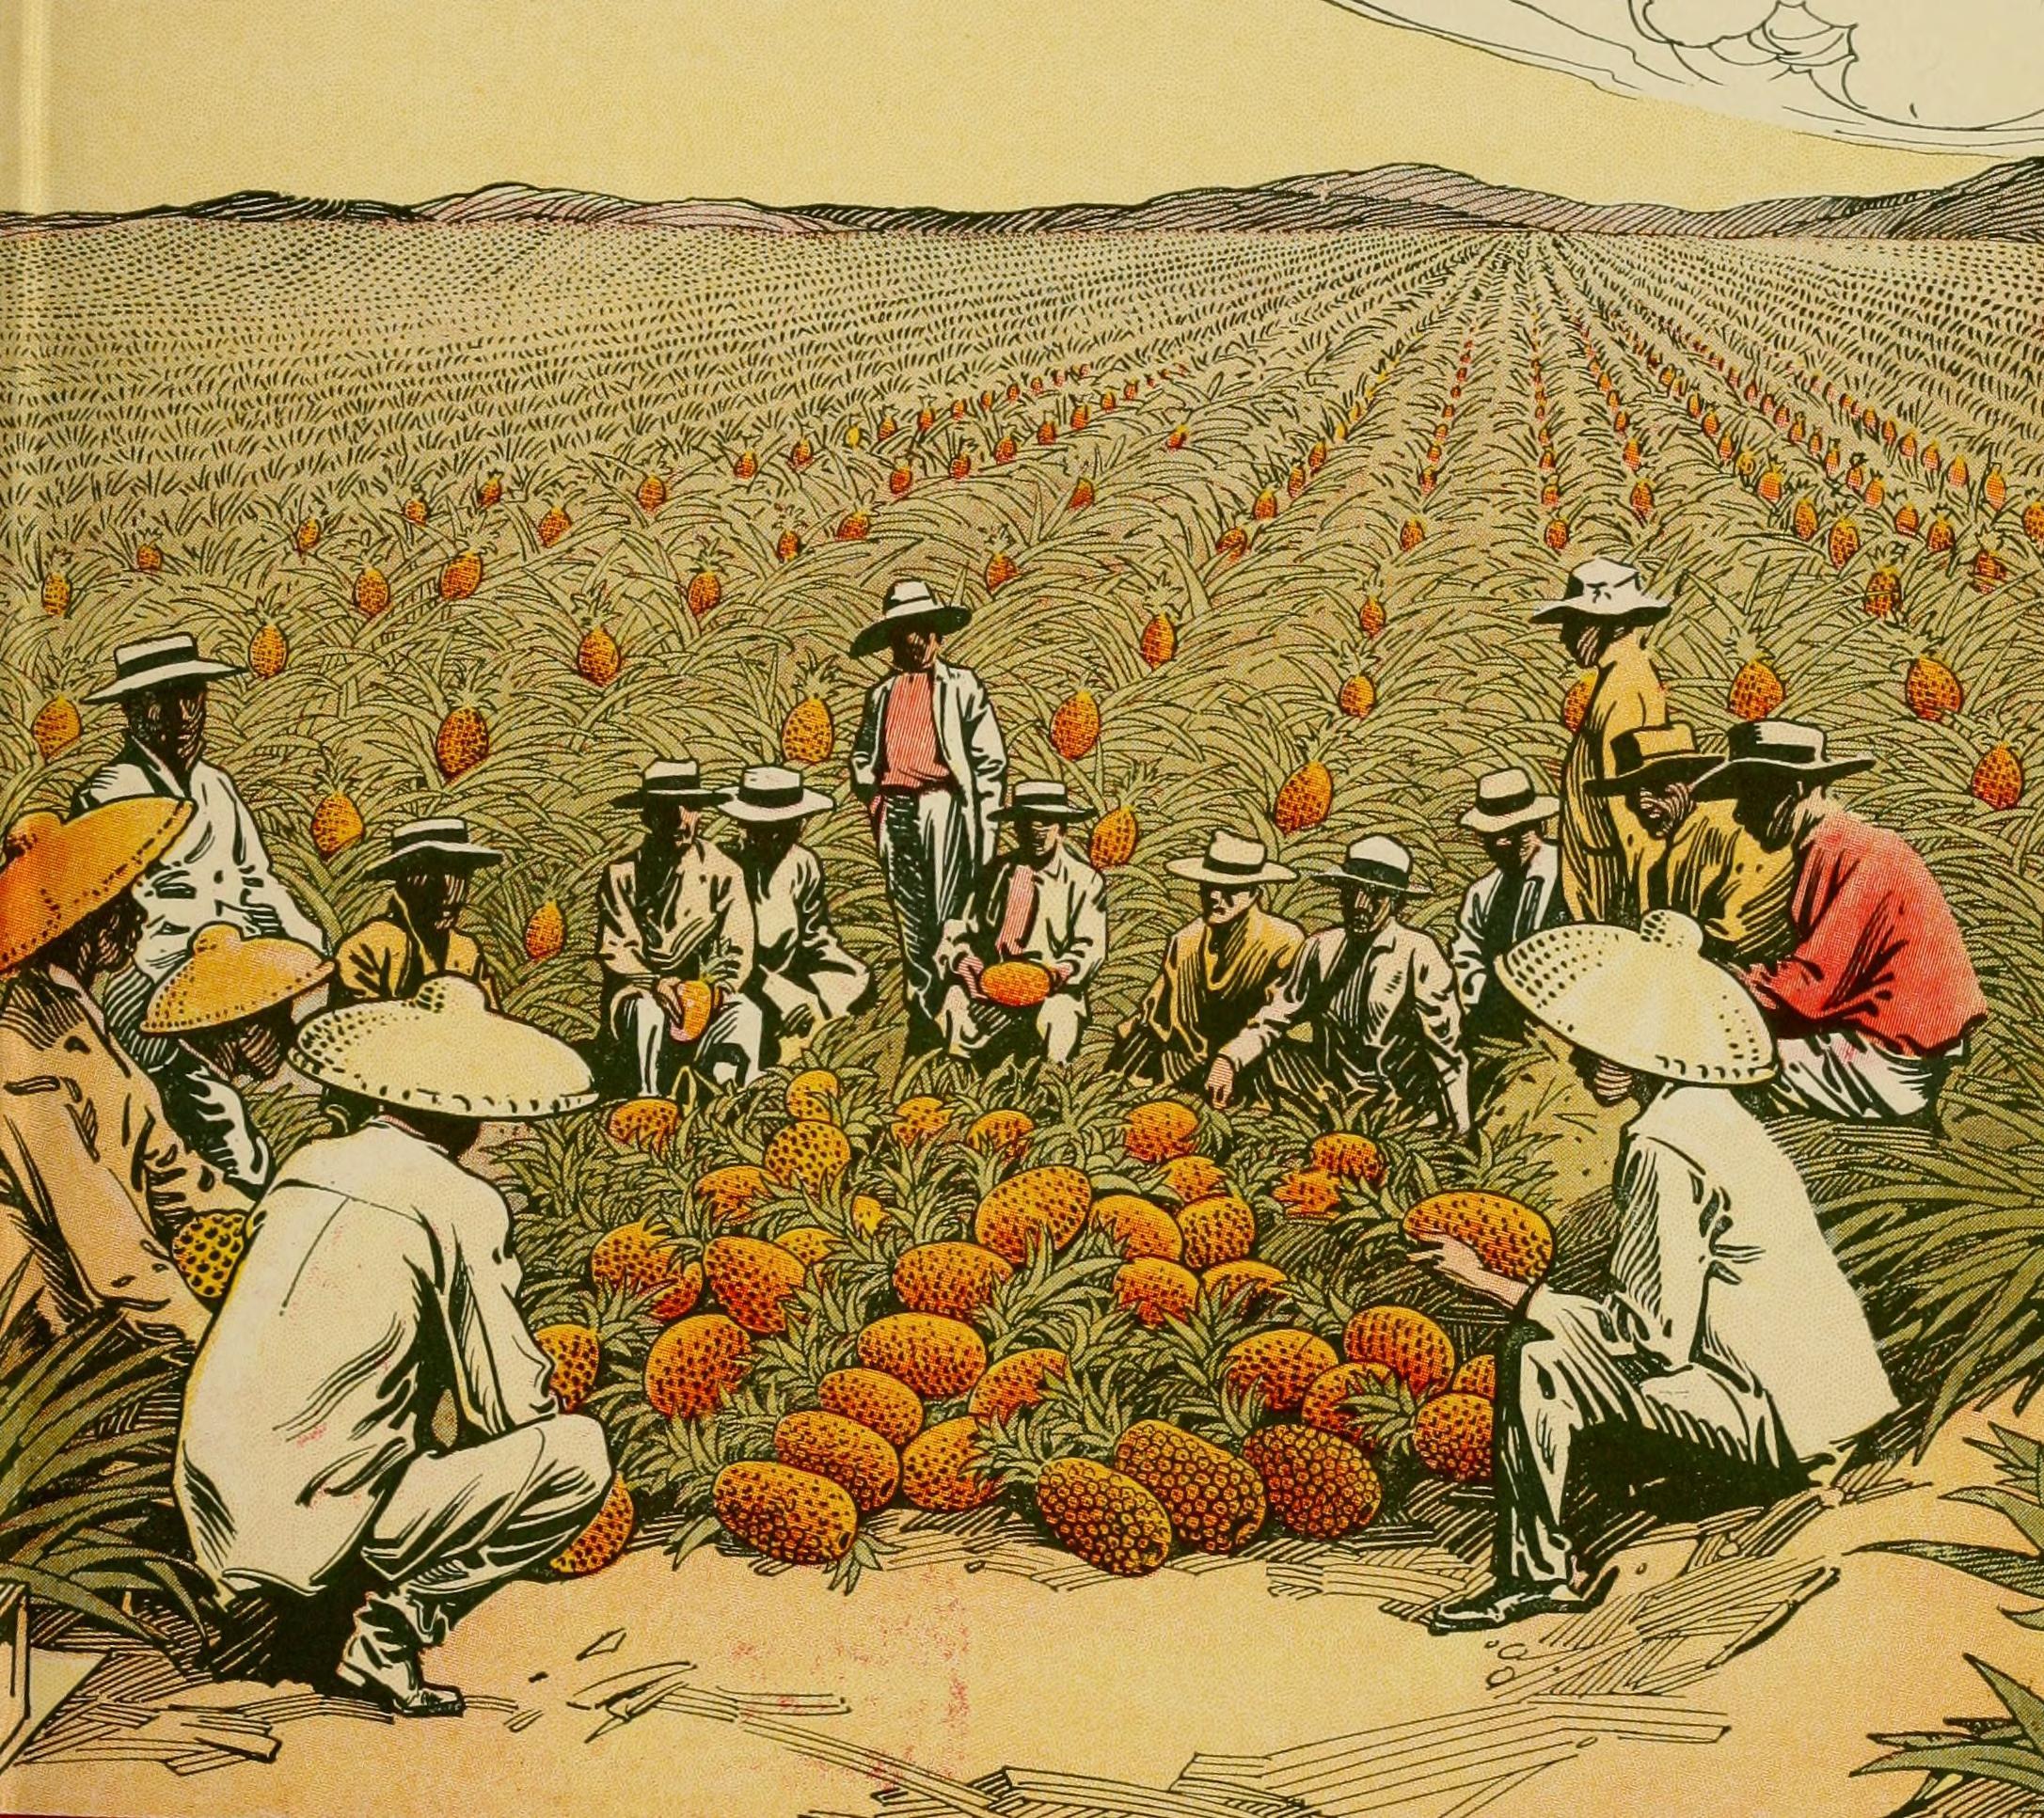 Drawing of people kneeling in pineapple plantation